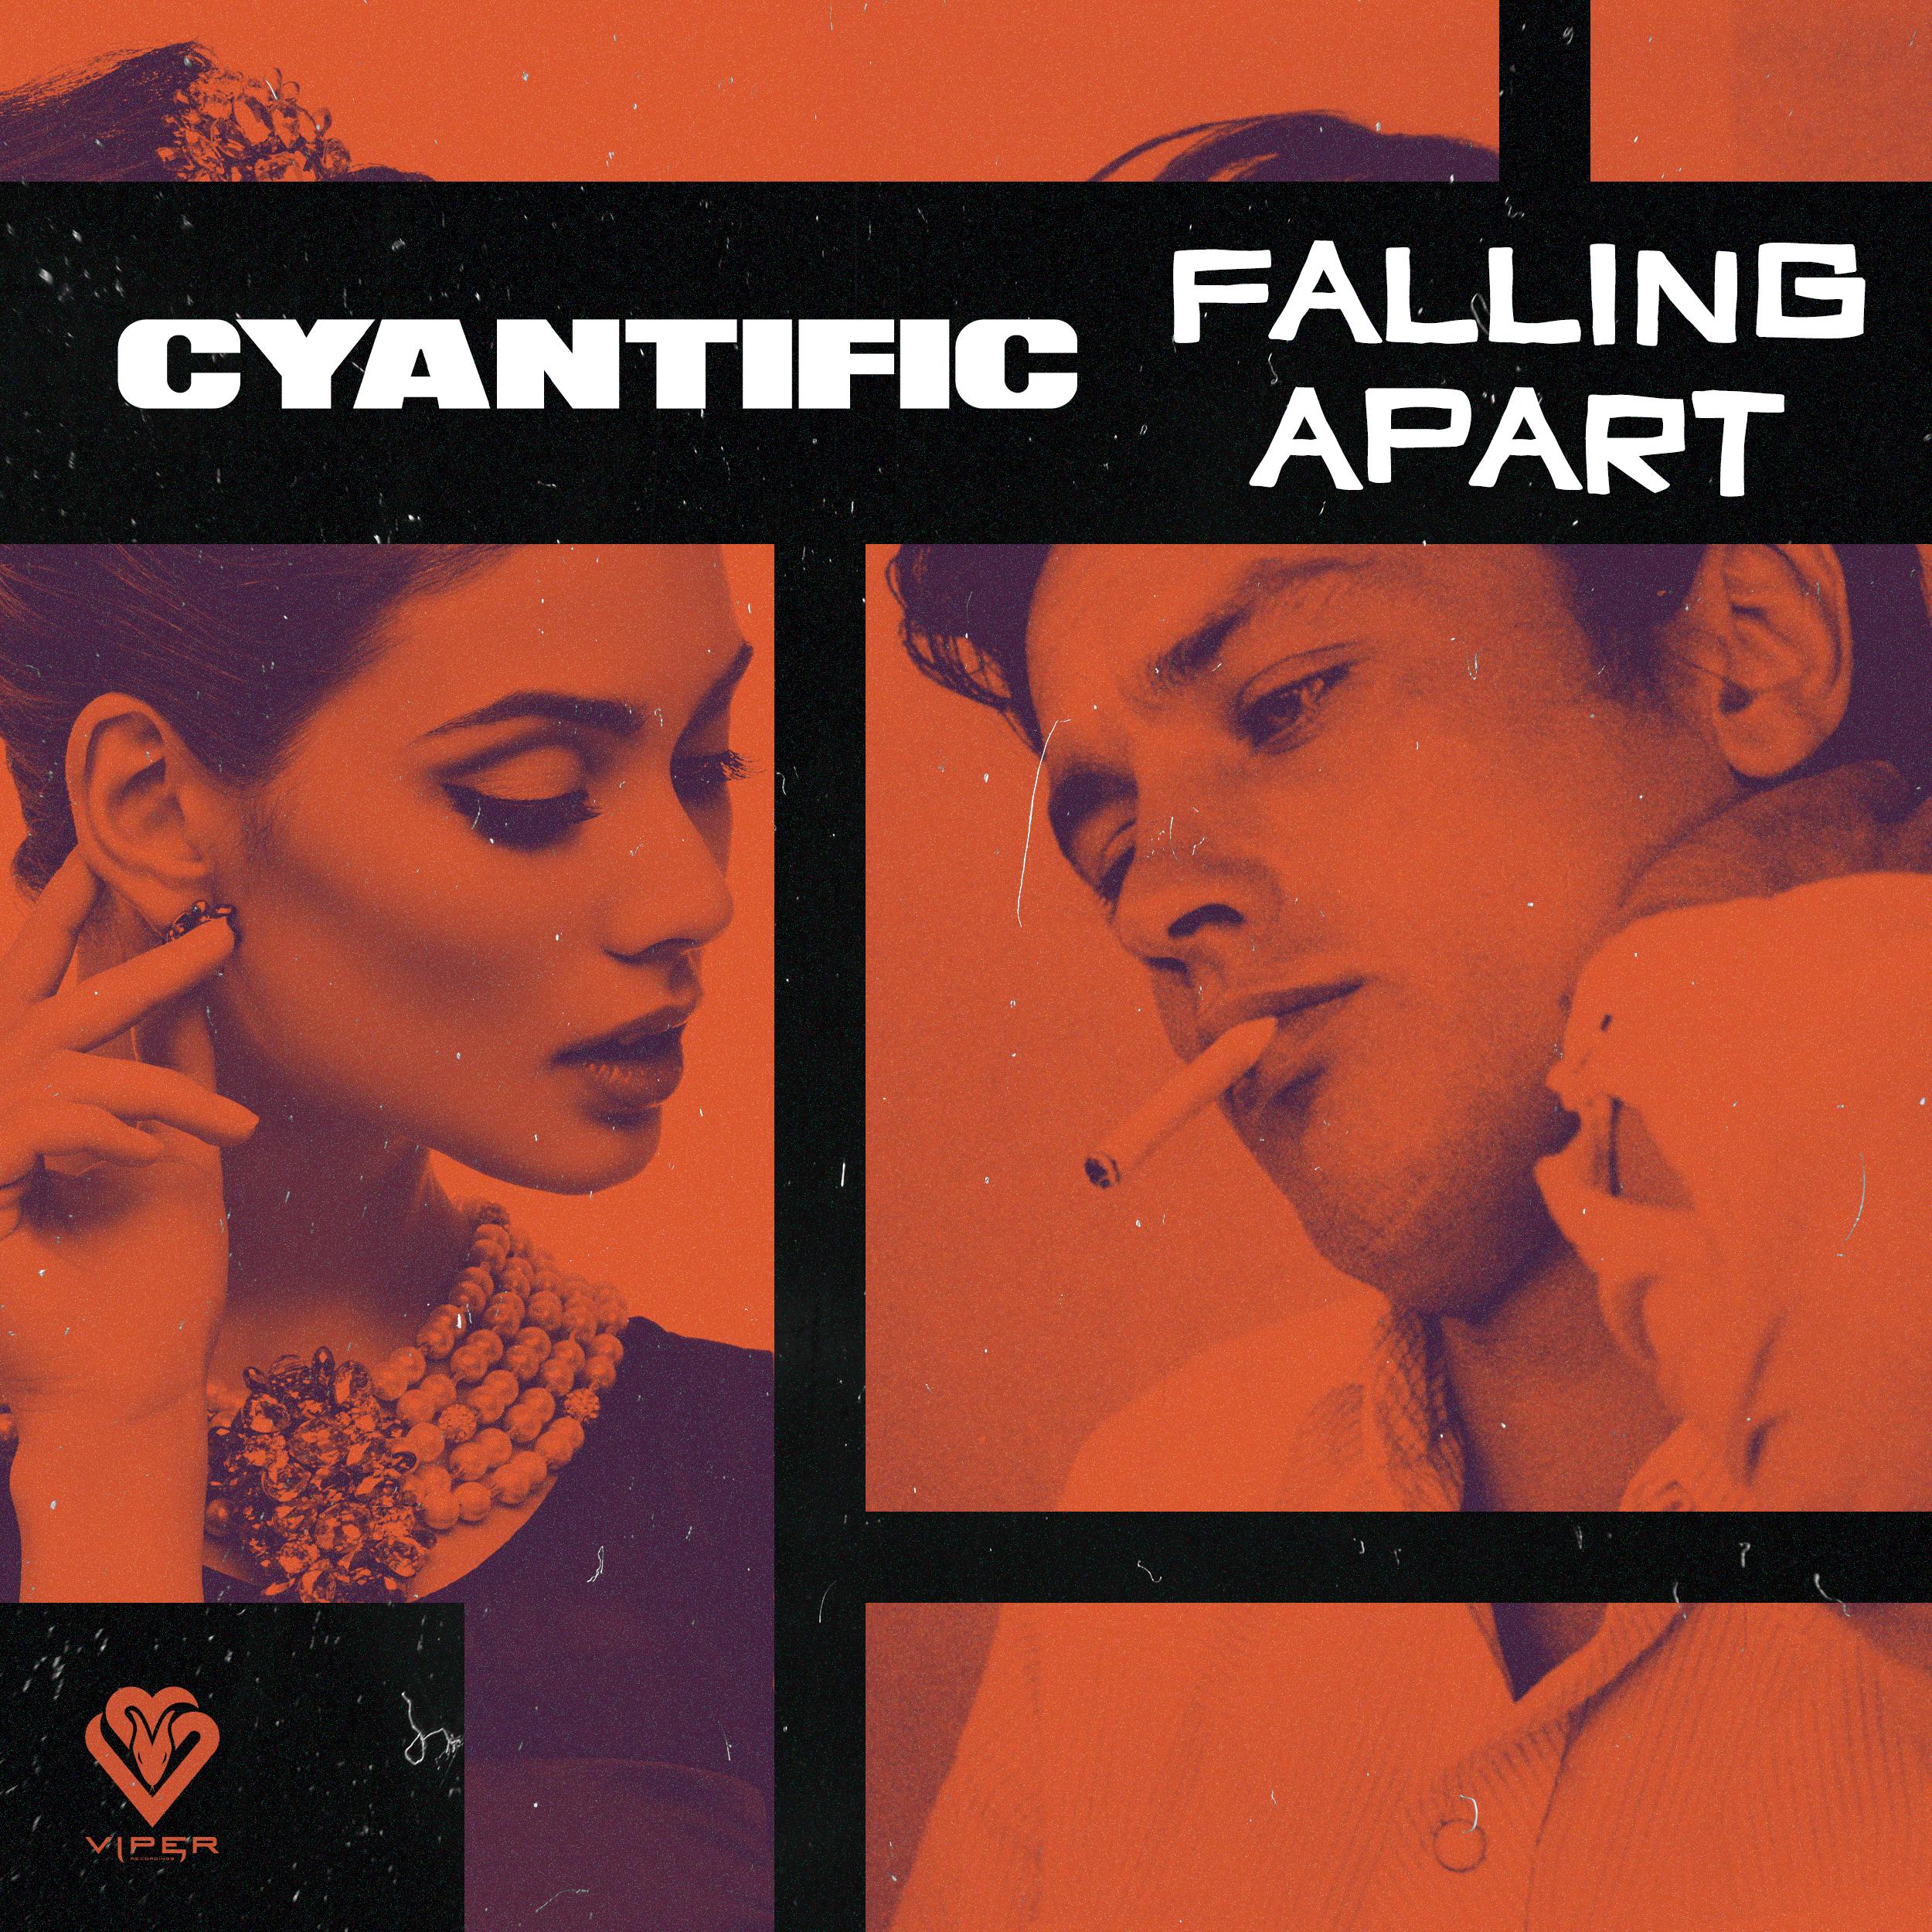 Cyantific- Falling Apart [VPR229]